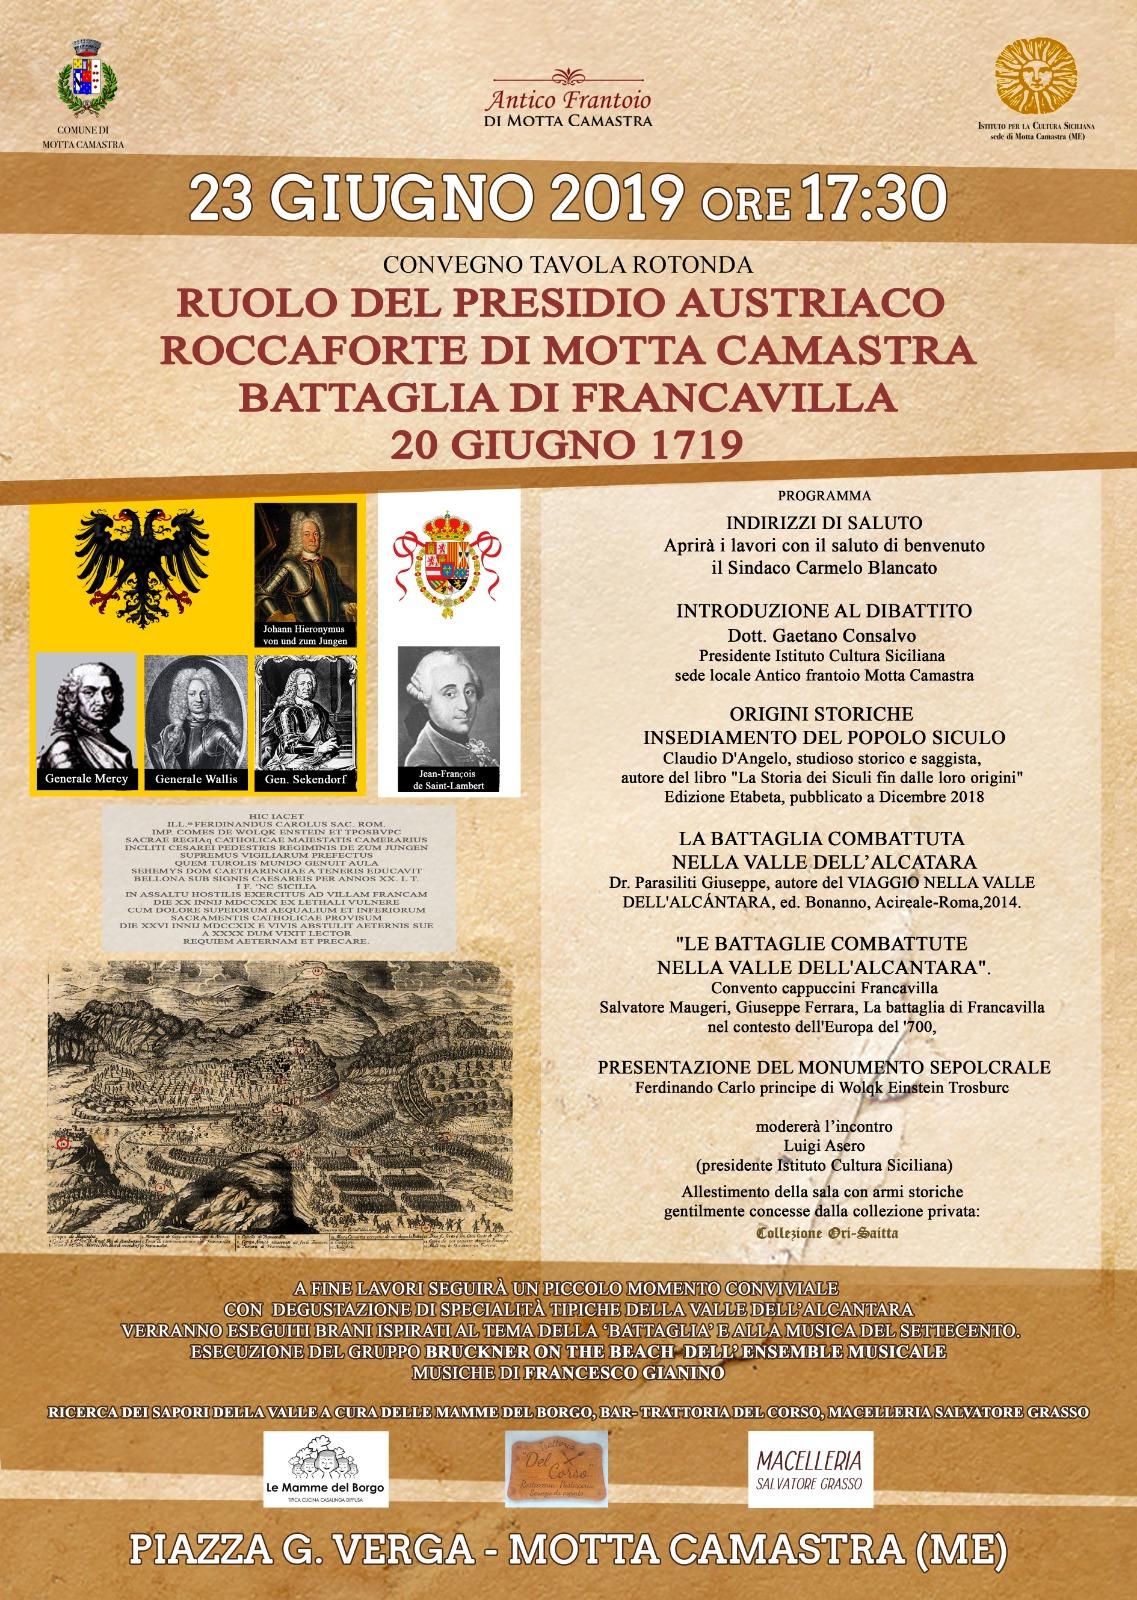 Convegno su Tricentenario Battaglia di Francavilla e ruolo borgo Motta Camastra